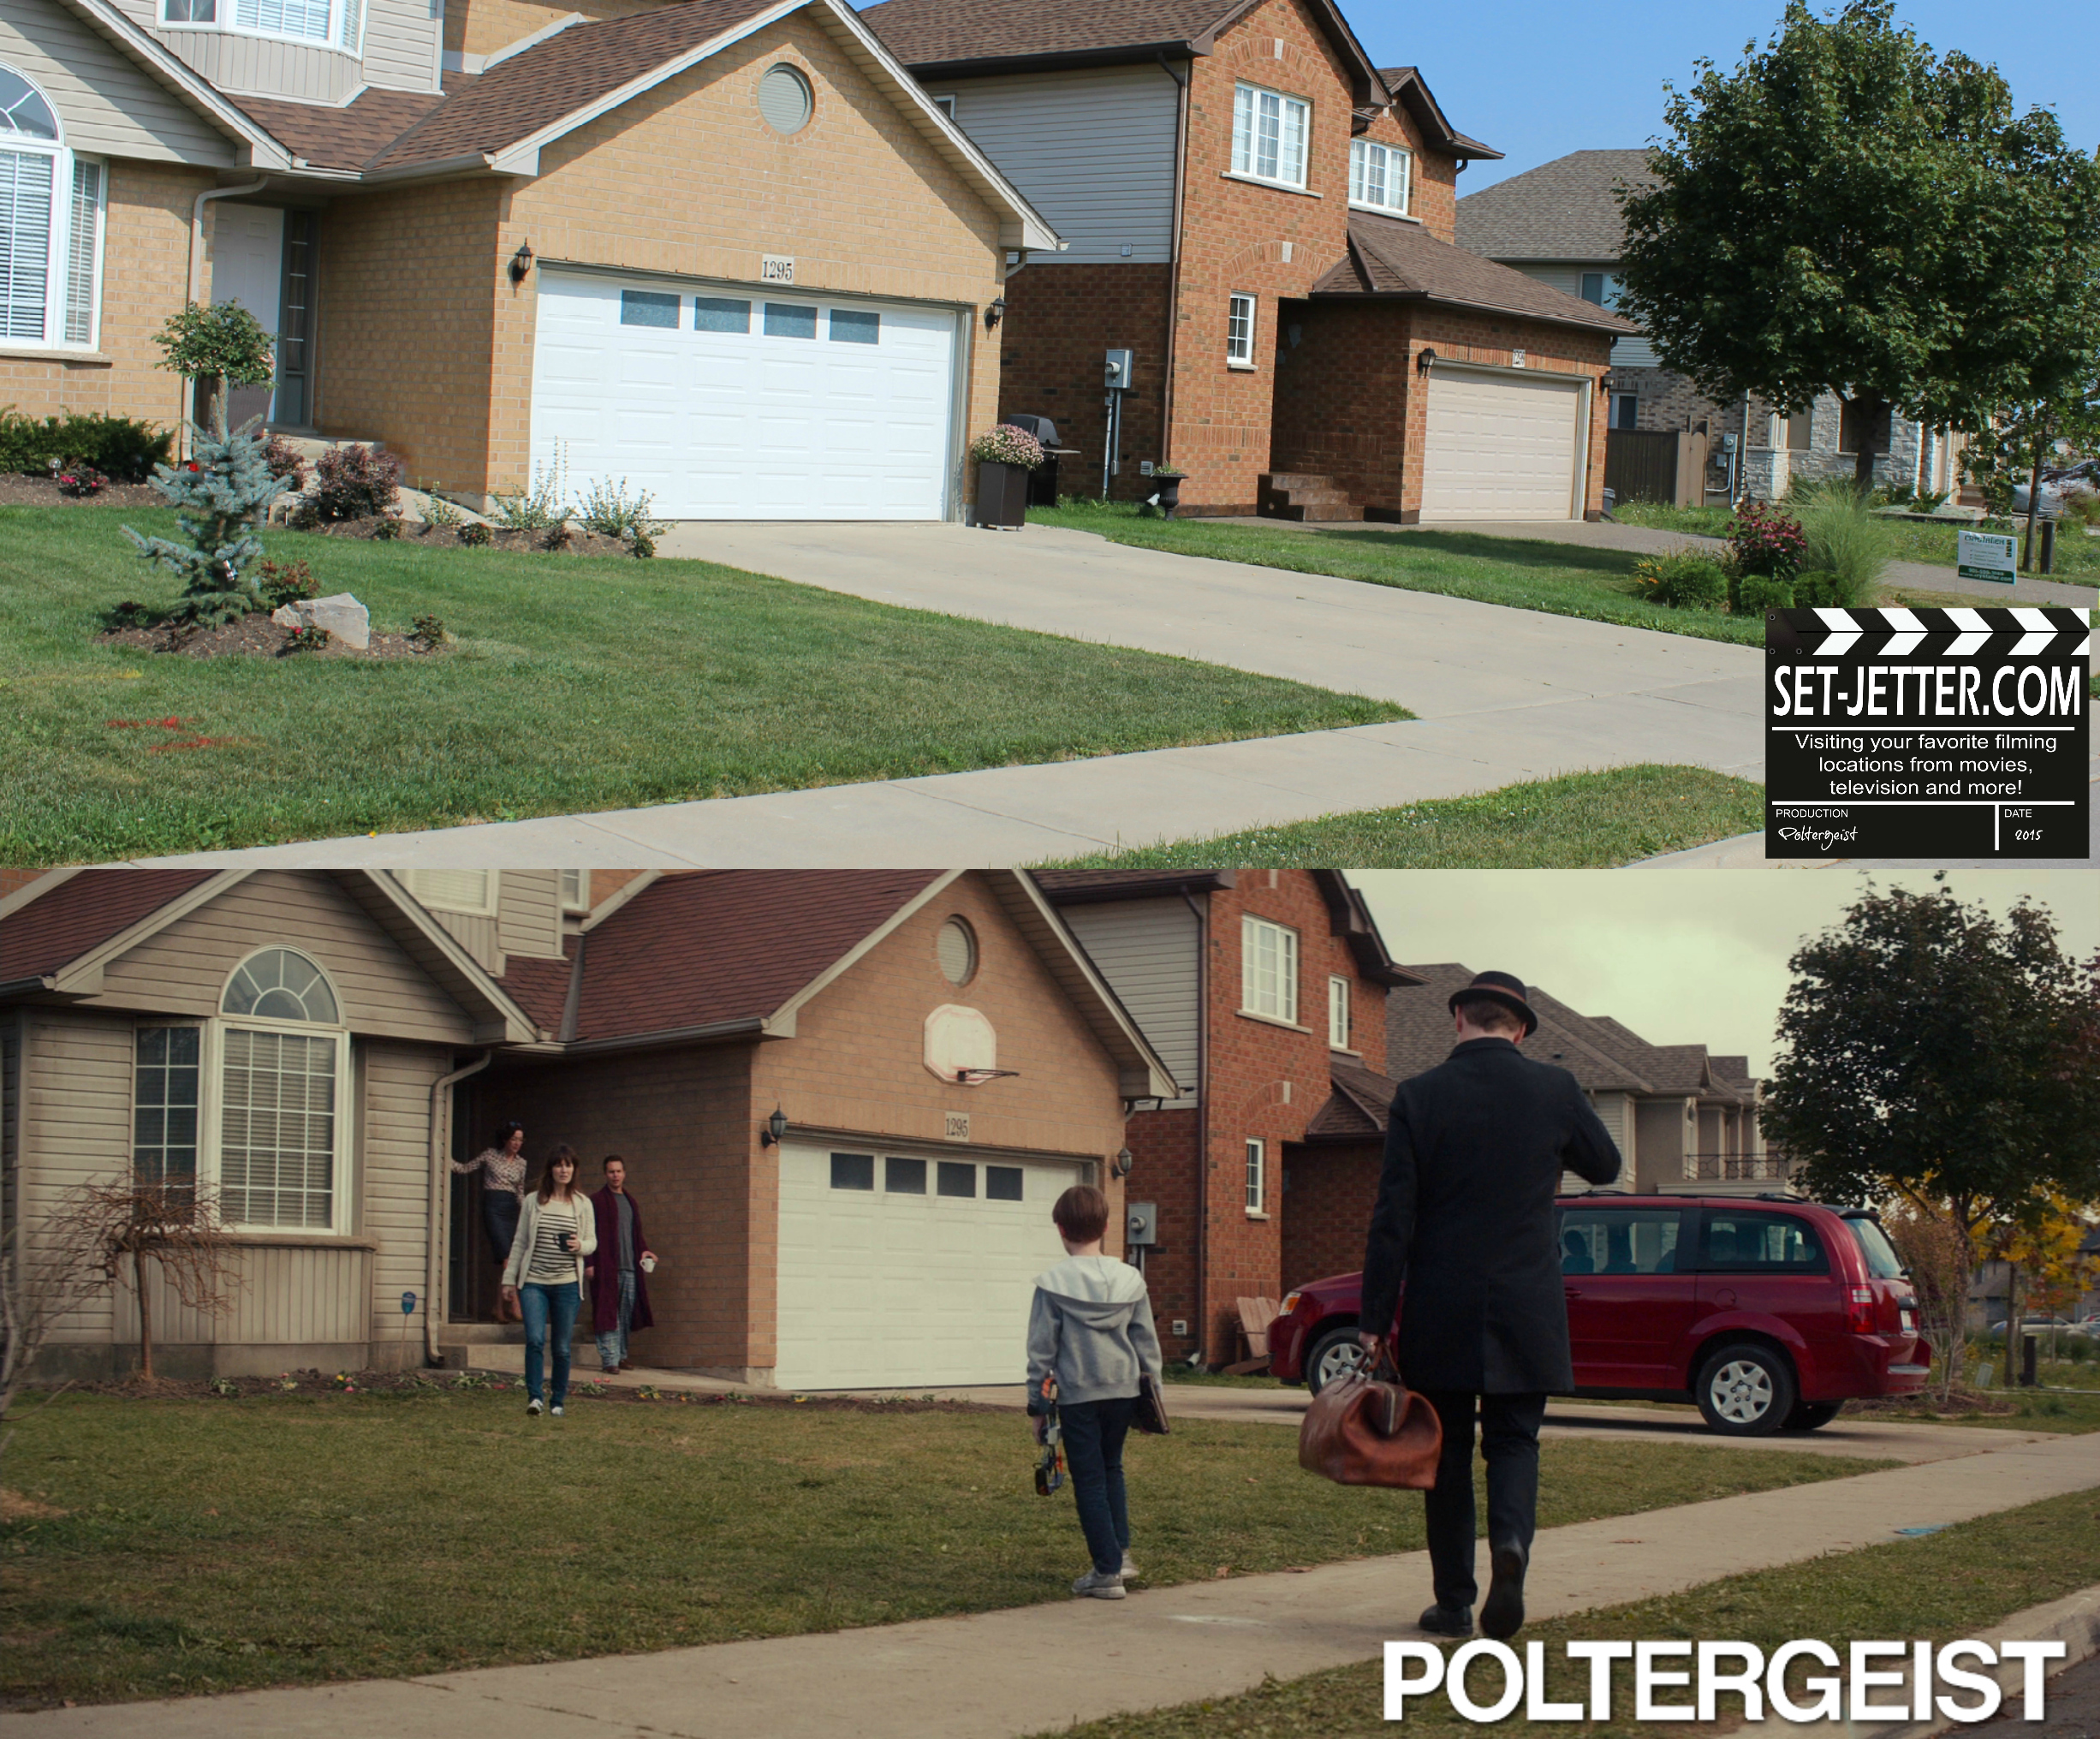 Poltergeist comparison 102.jpg